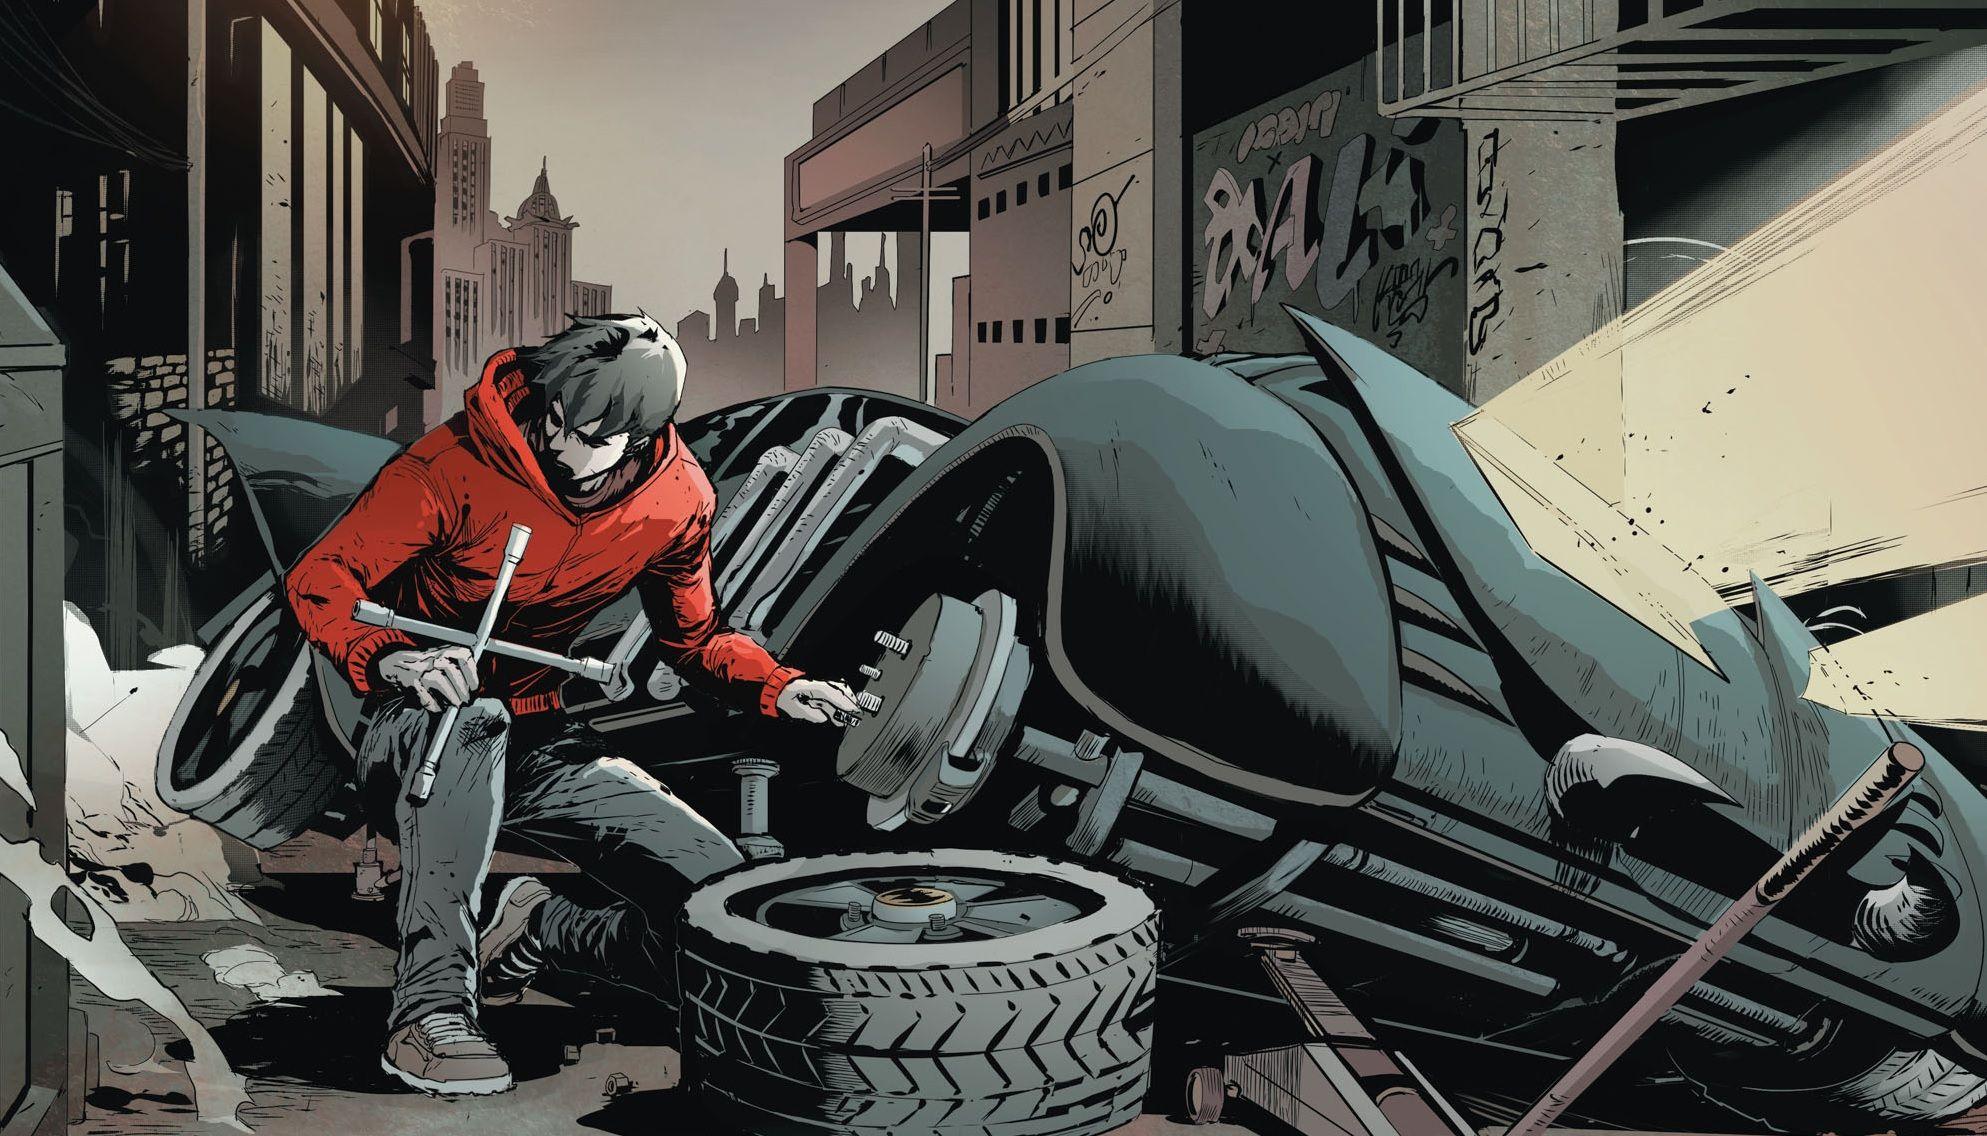 Jason Todd, roubando pneus do Batmóvel